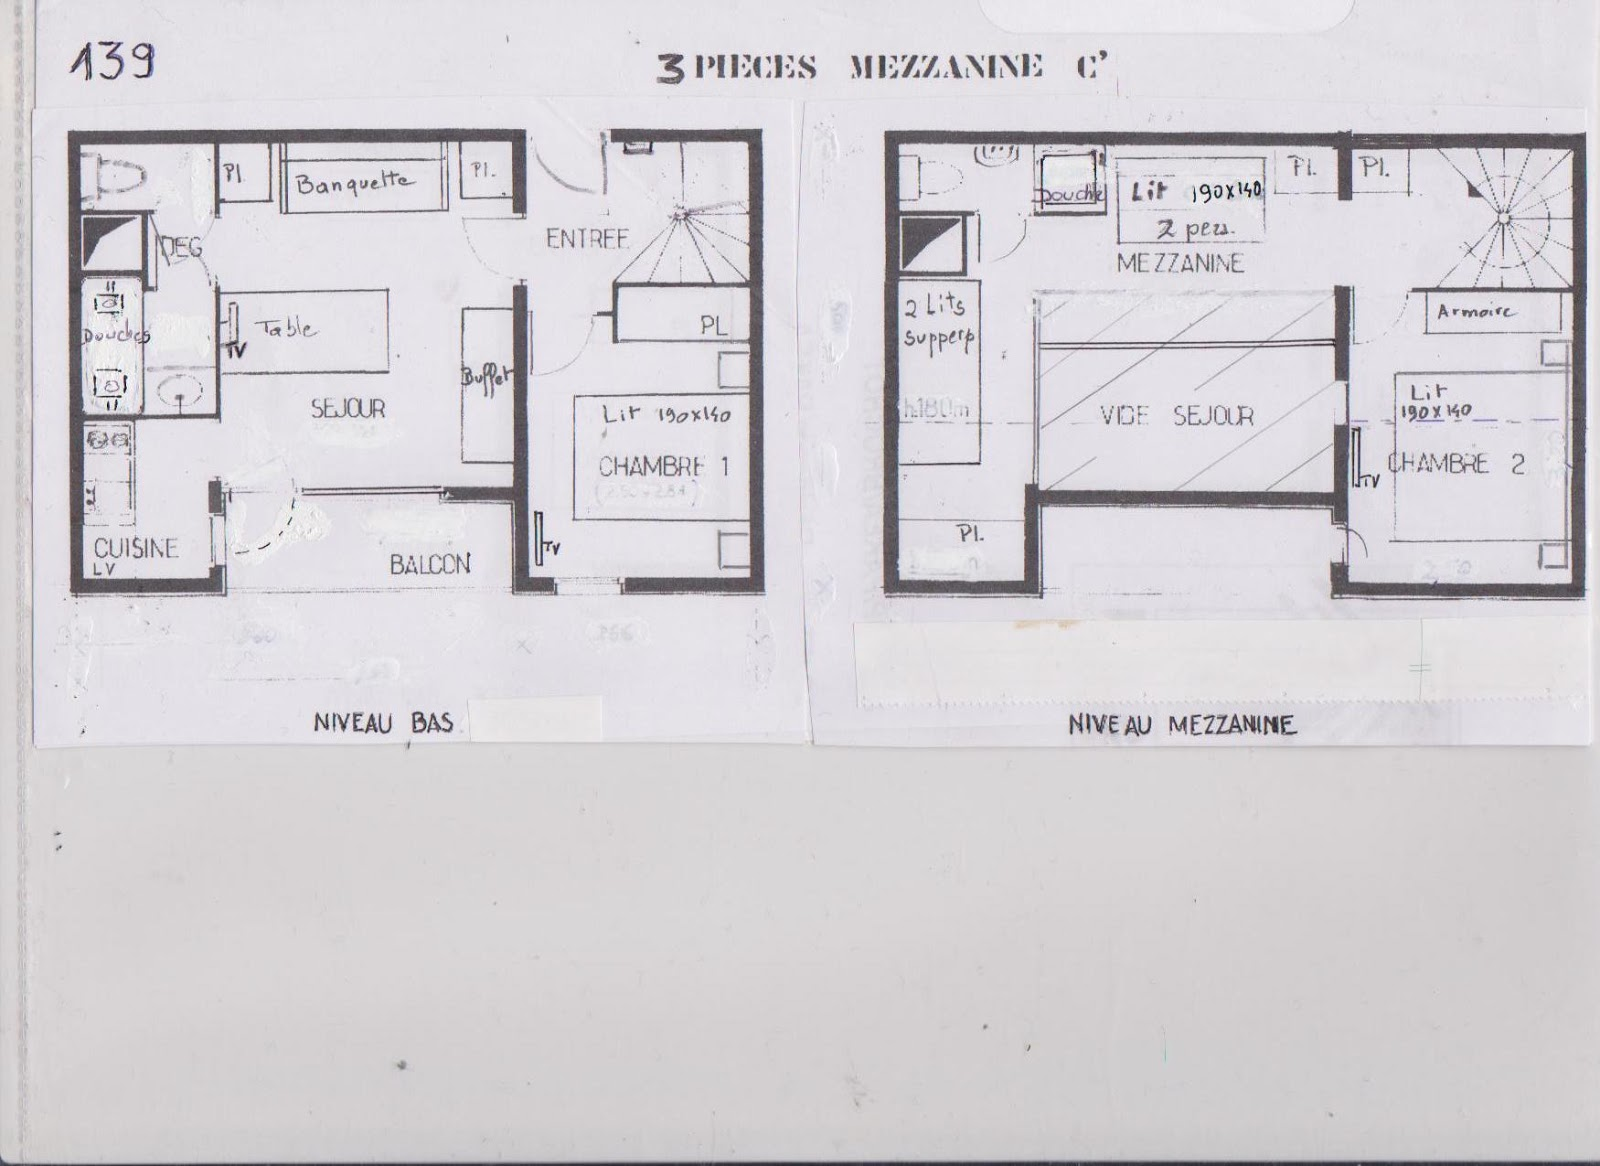 Location les menuires appartement duplex 8 couchages for 3 chambres dans 50m2